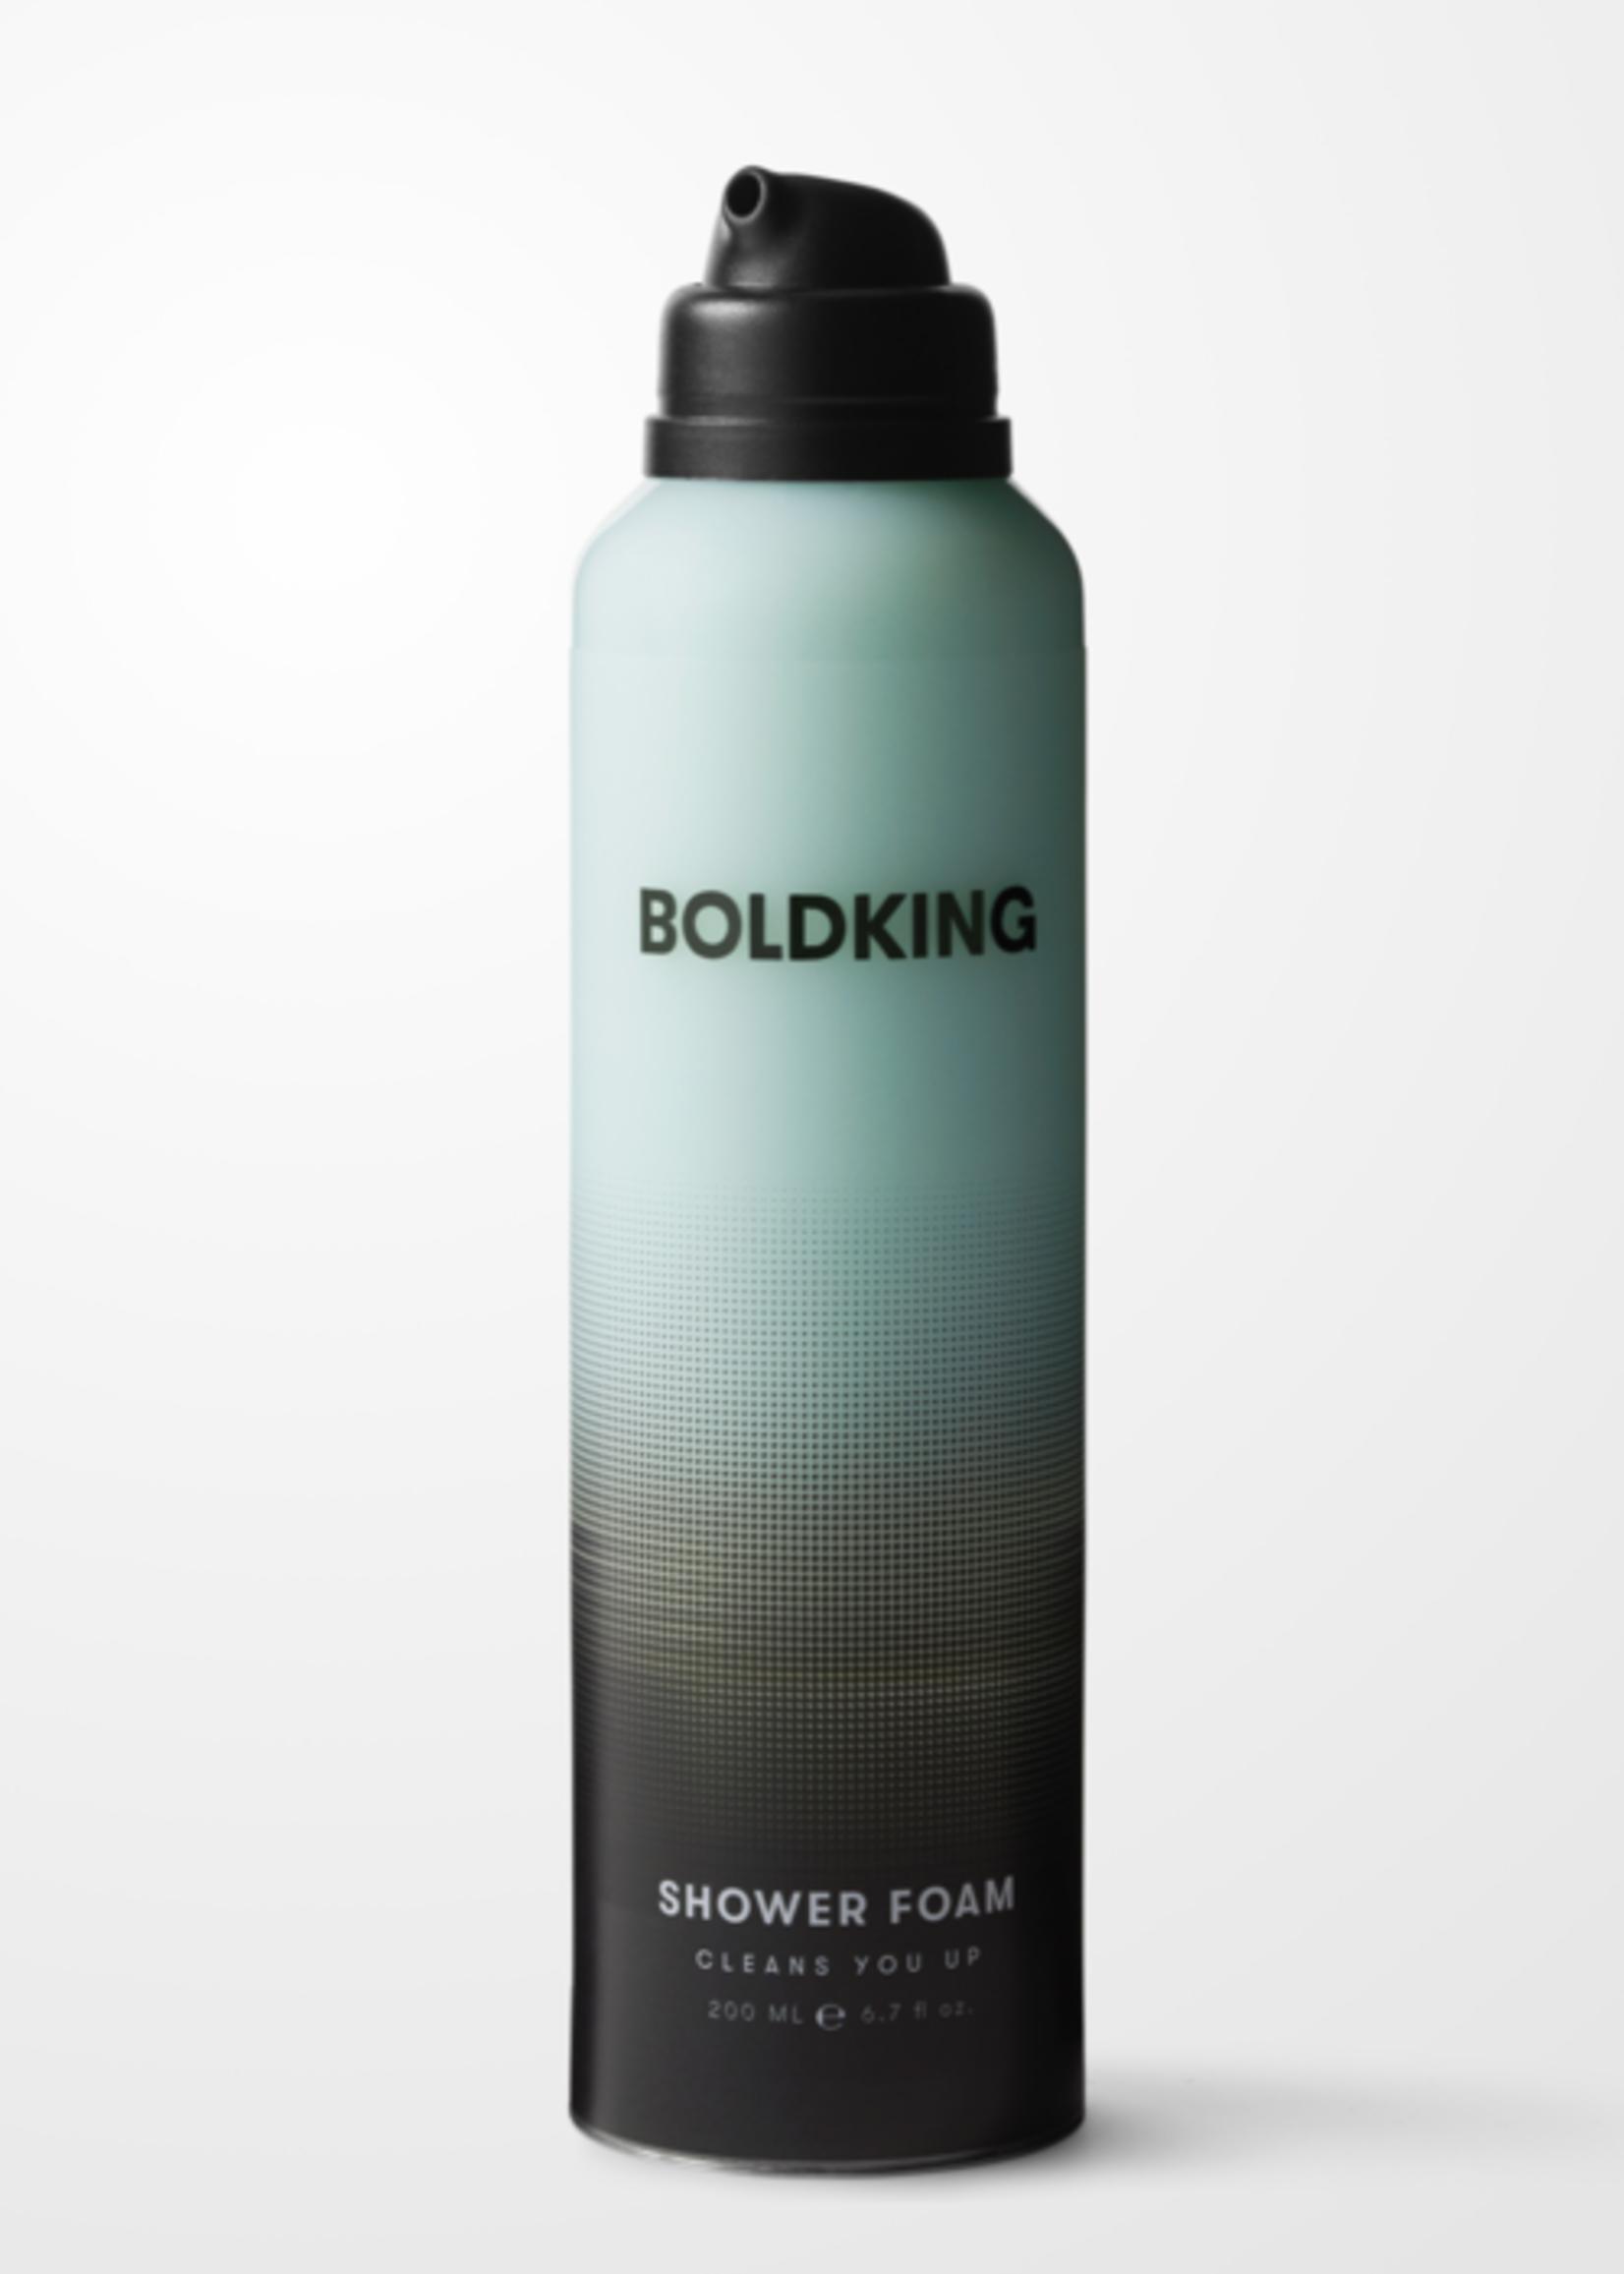 Boldking Boldking - Shower foam -200 ml